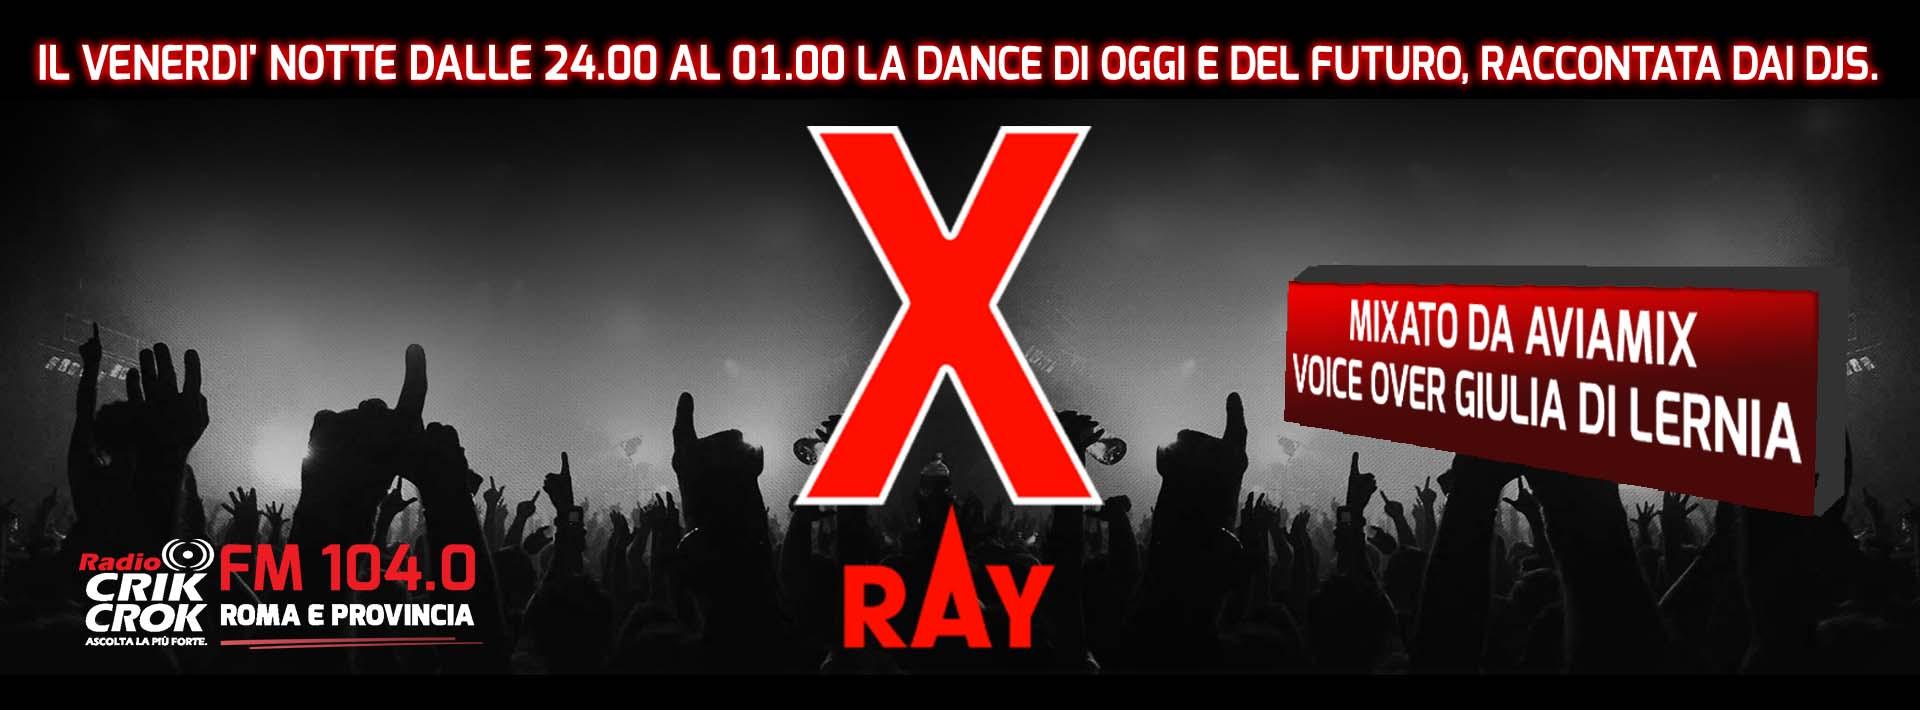 1920x710X-RAY_web copia